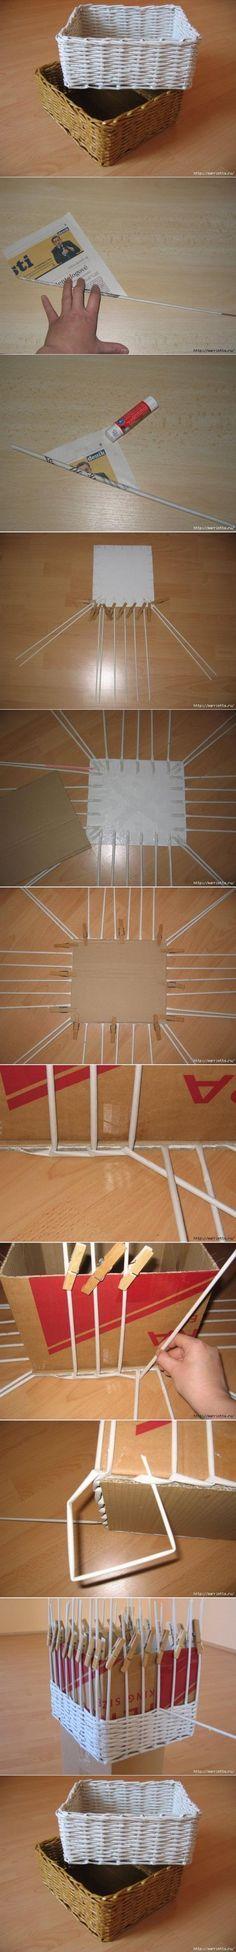 DIY: Cómo reciclar papel en una cesta   DIY Periódico simple armadura de cesta